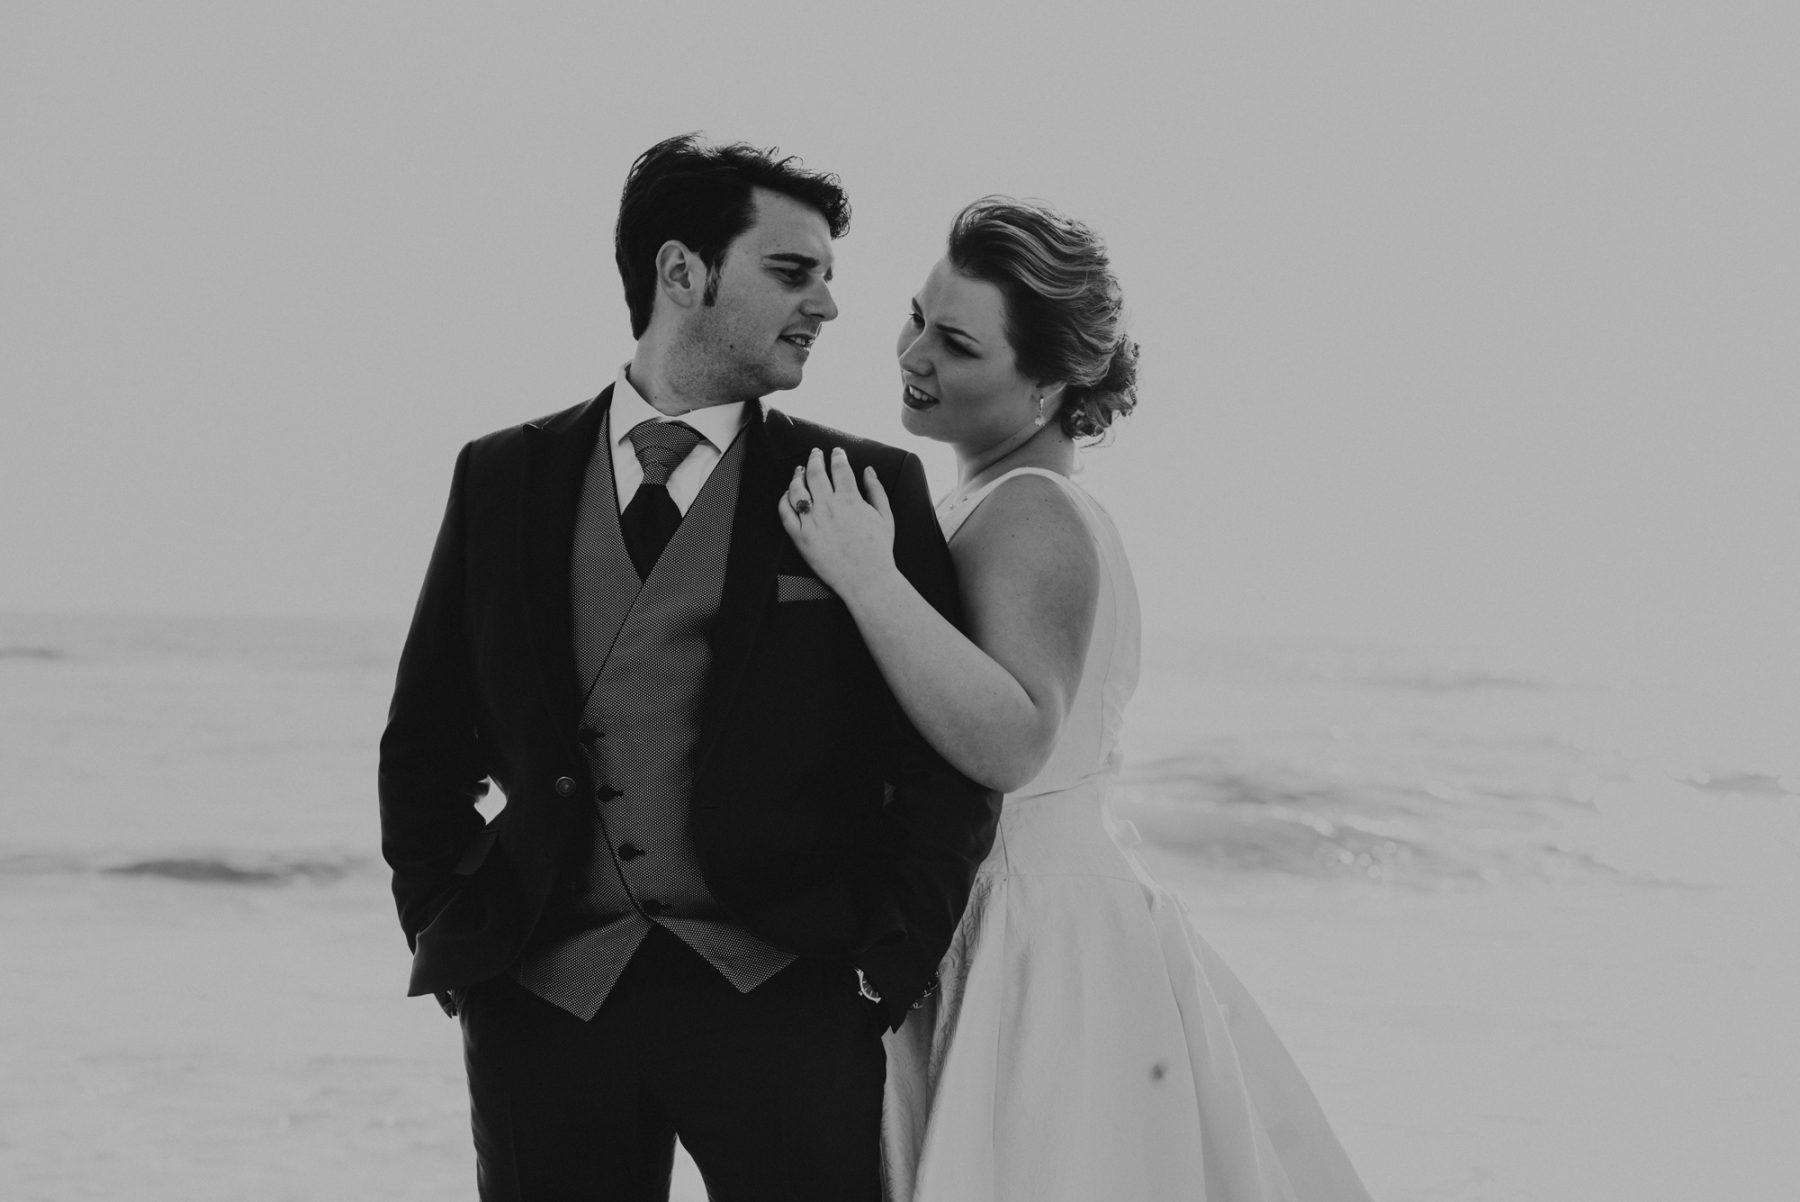 fotografía de boda gratis